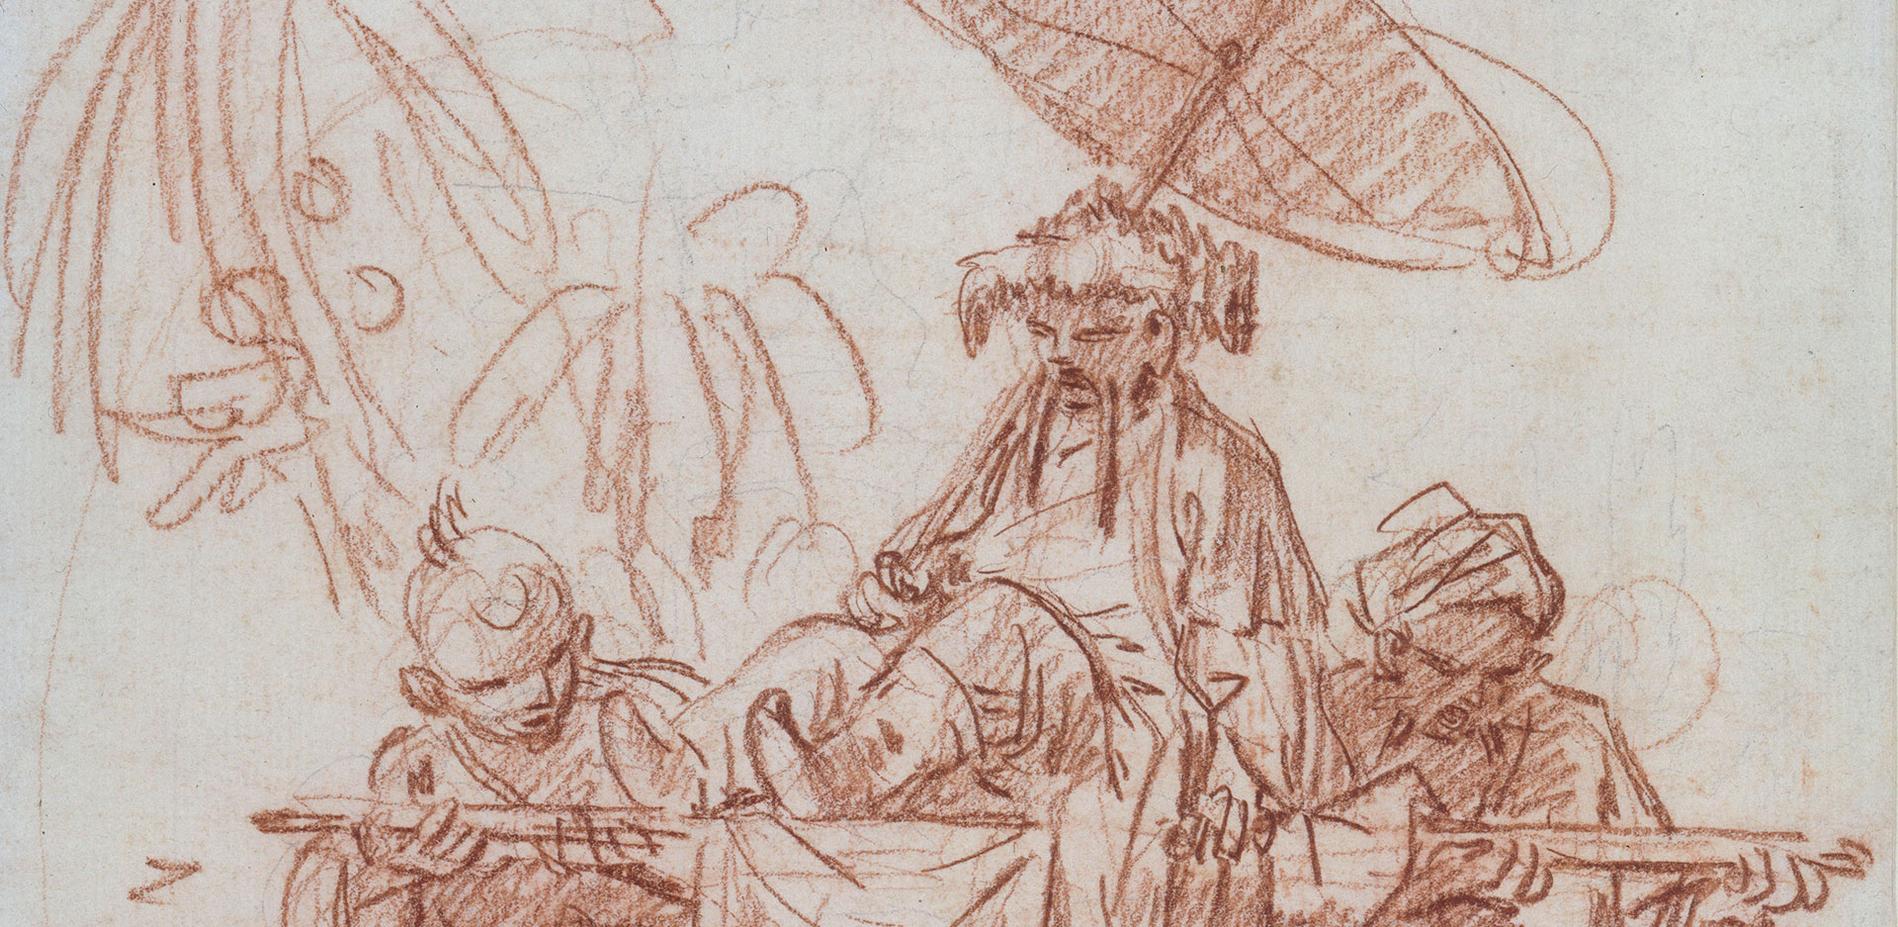 François Boucher, Chinesischer Würdenträger, von zwei Dienern getragen, um 1740, Rötel über dünner Graphitvorzeichnung © Staatliche Museen zu Berlin, Kupferstichkabinett / Jörg P. Anders